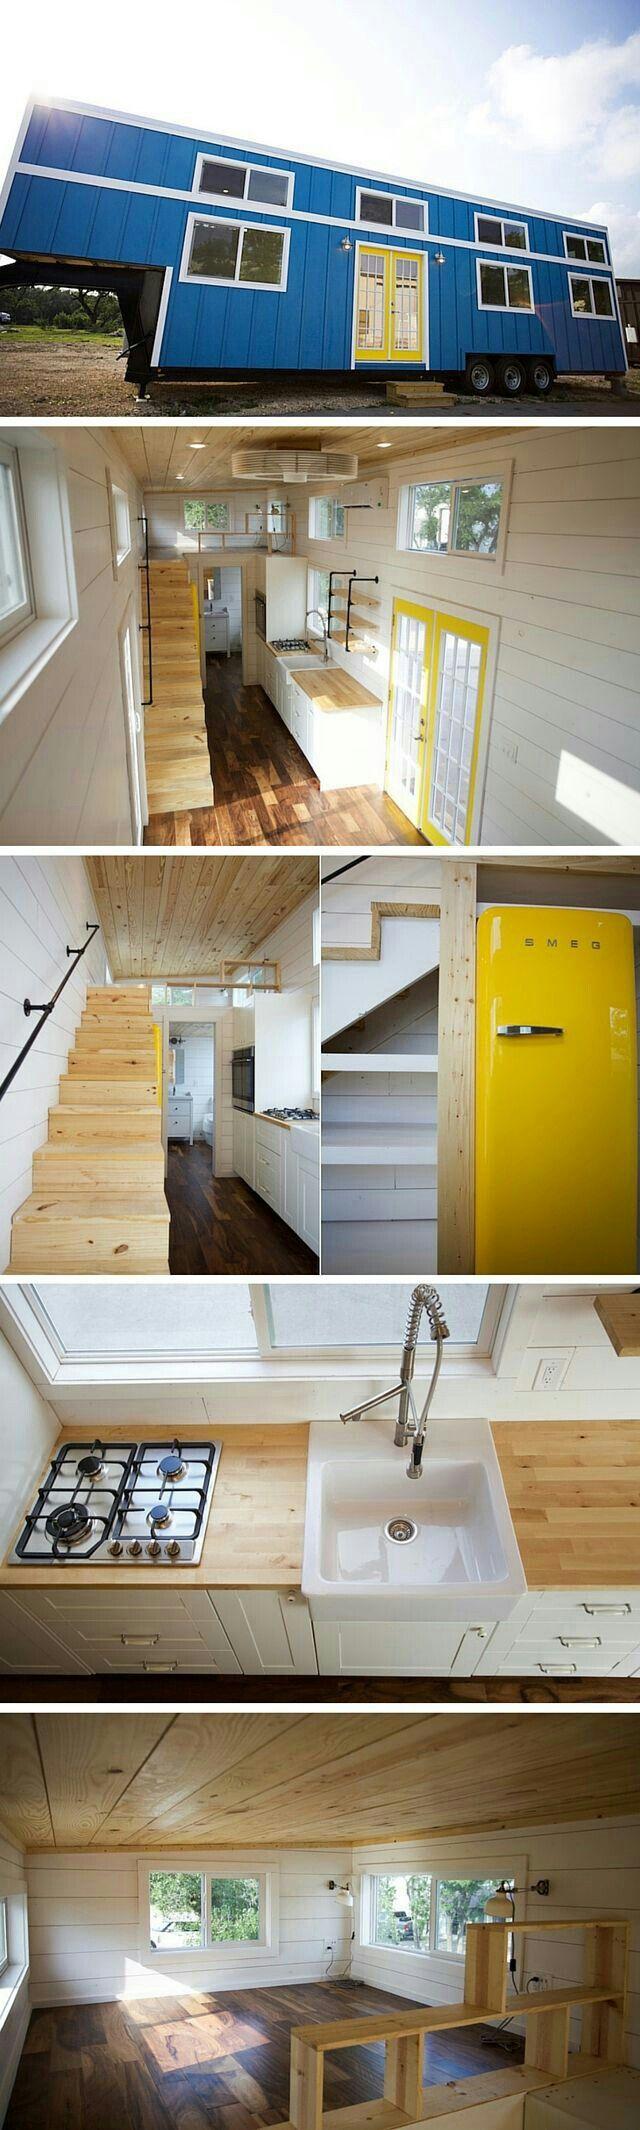 Pin von Gia Theresa auf tiny future | Pinterest | Wohnwagen, Zuhause ...